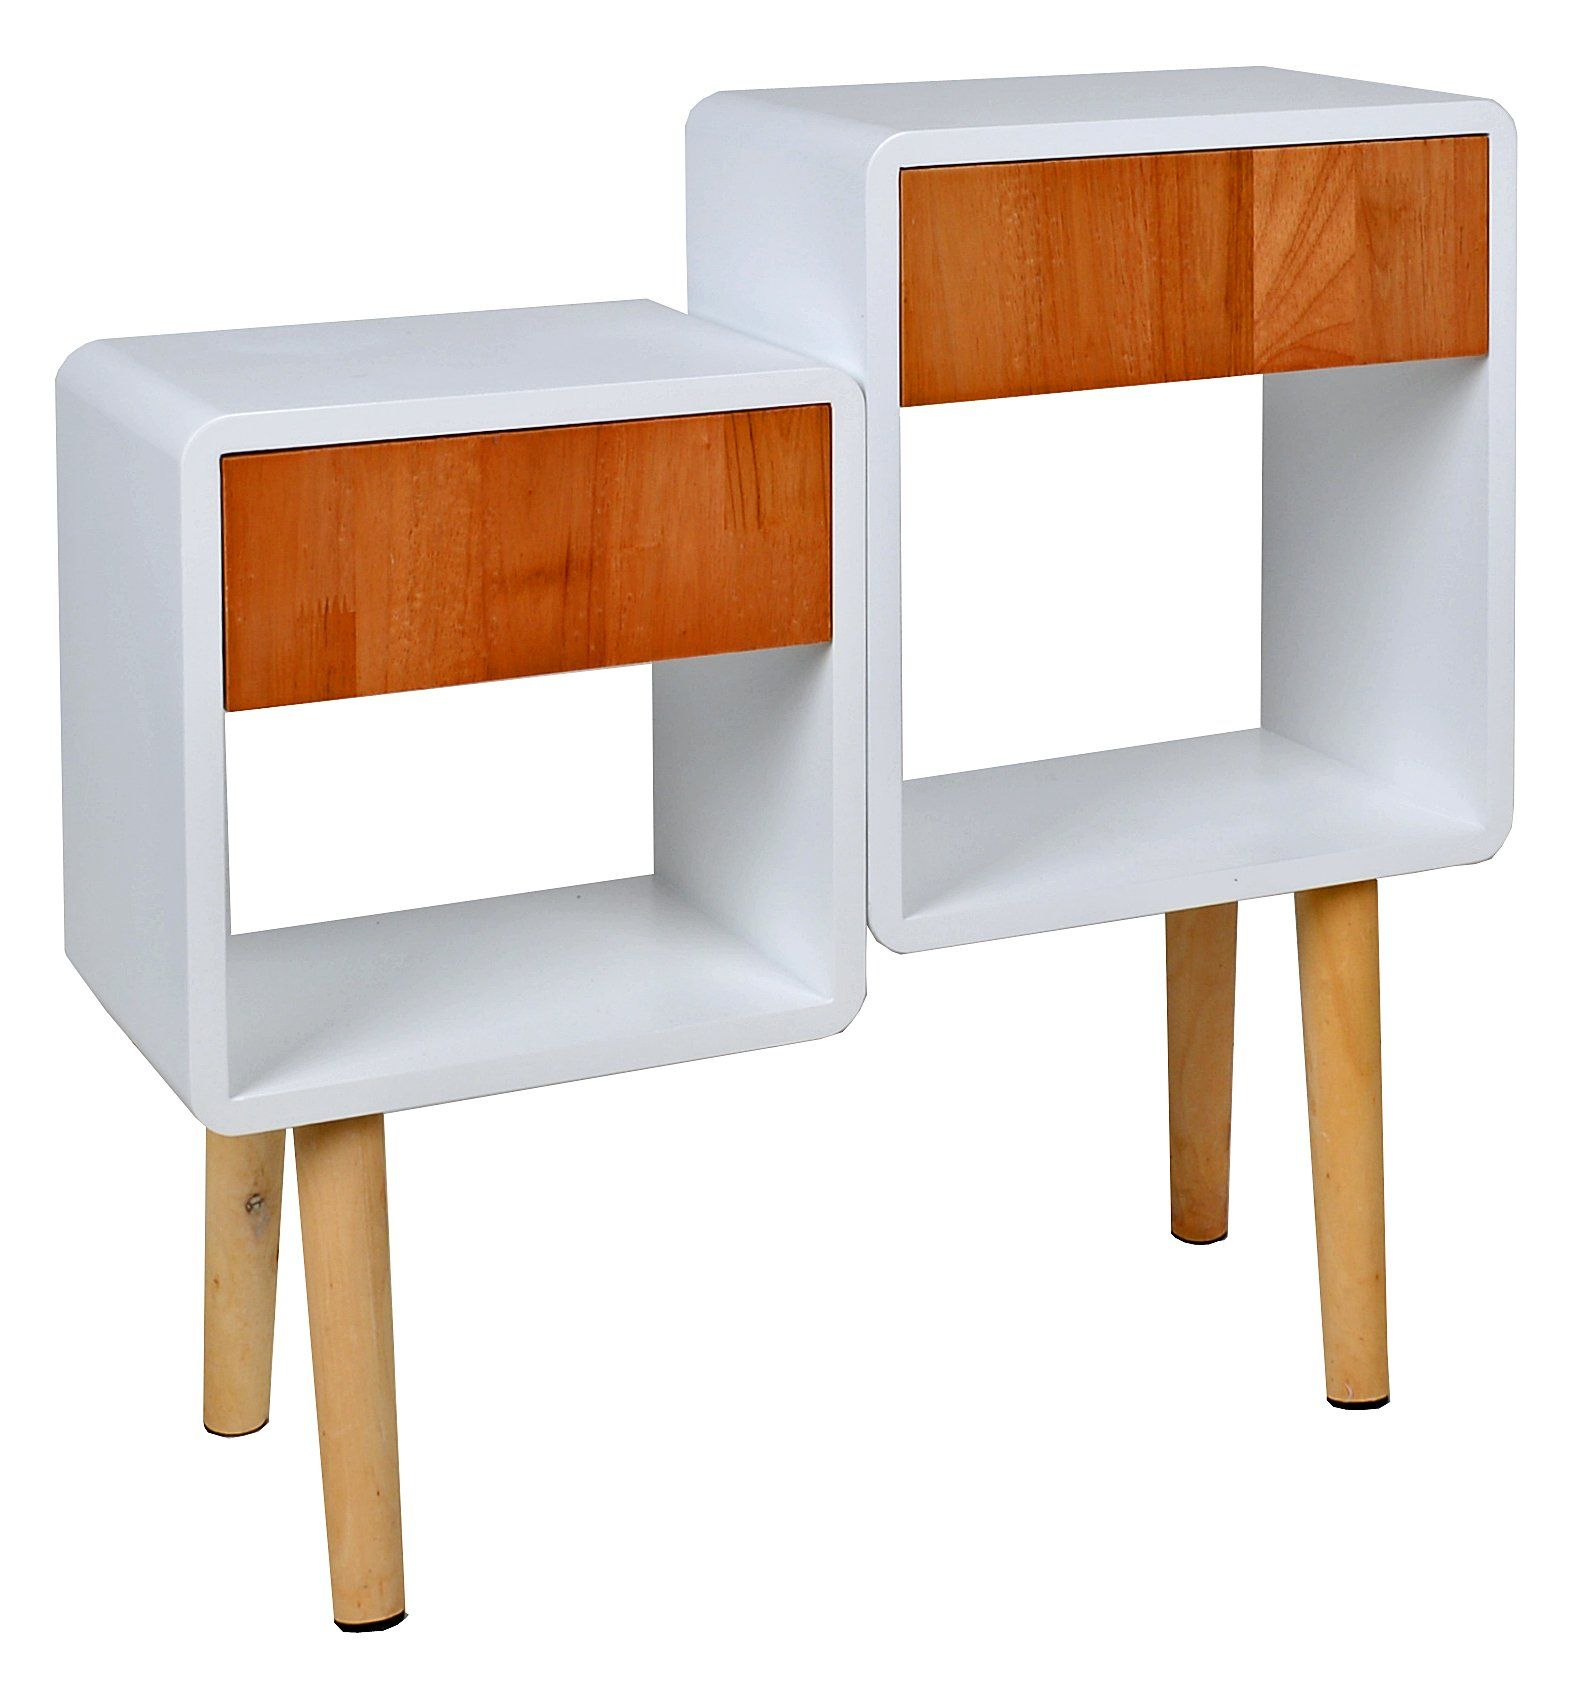 Ts Ideen Regal Schrank Kommode Im Cube Retro Design Fr Wohnzimmer Kinderzimmer Schlafzimmer Bad Nachttisch